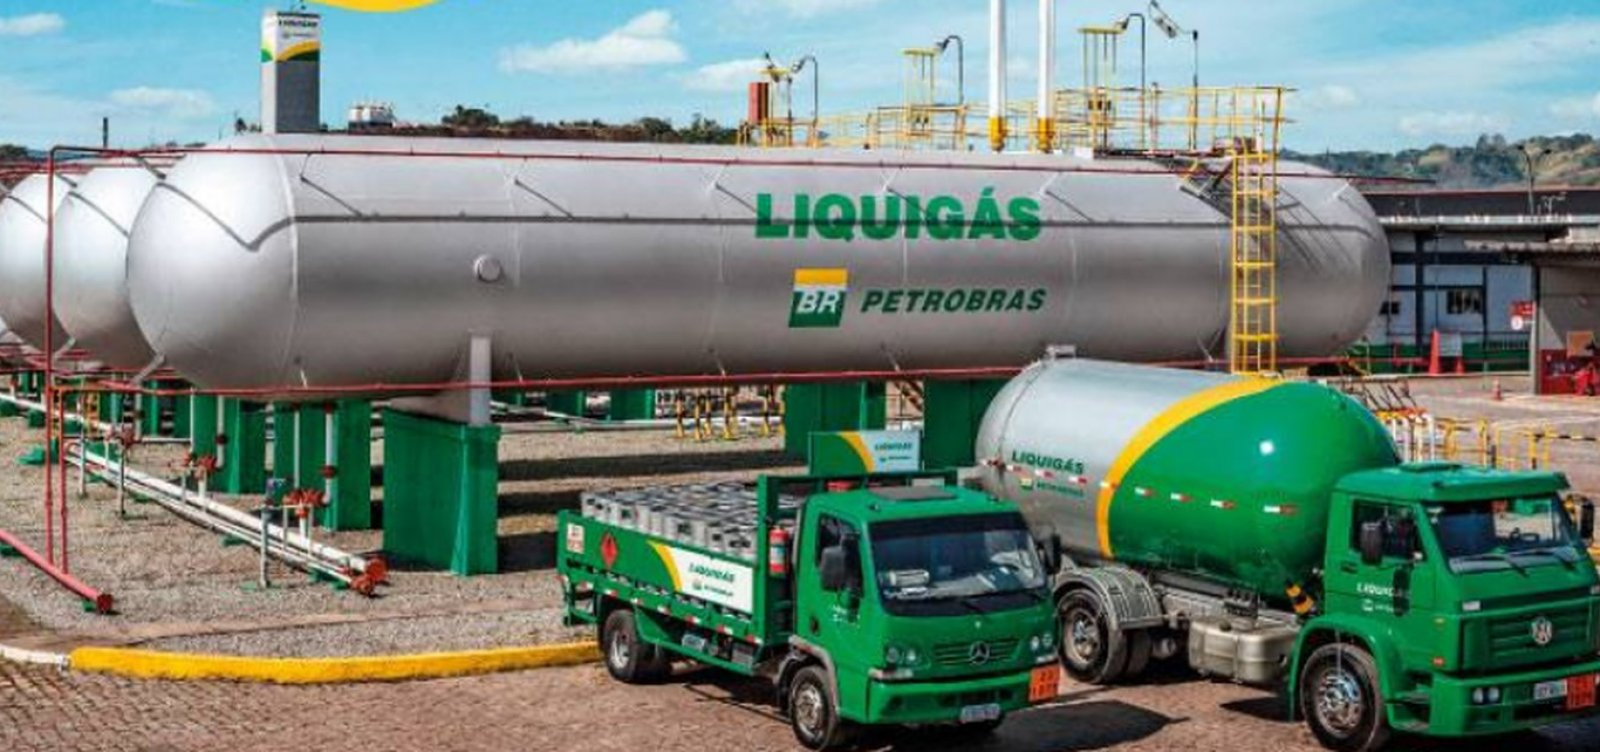 [Petrobras recebe oferta finalde R$ 3,7 bilhões pela Liquigás]